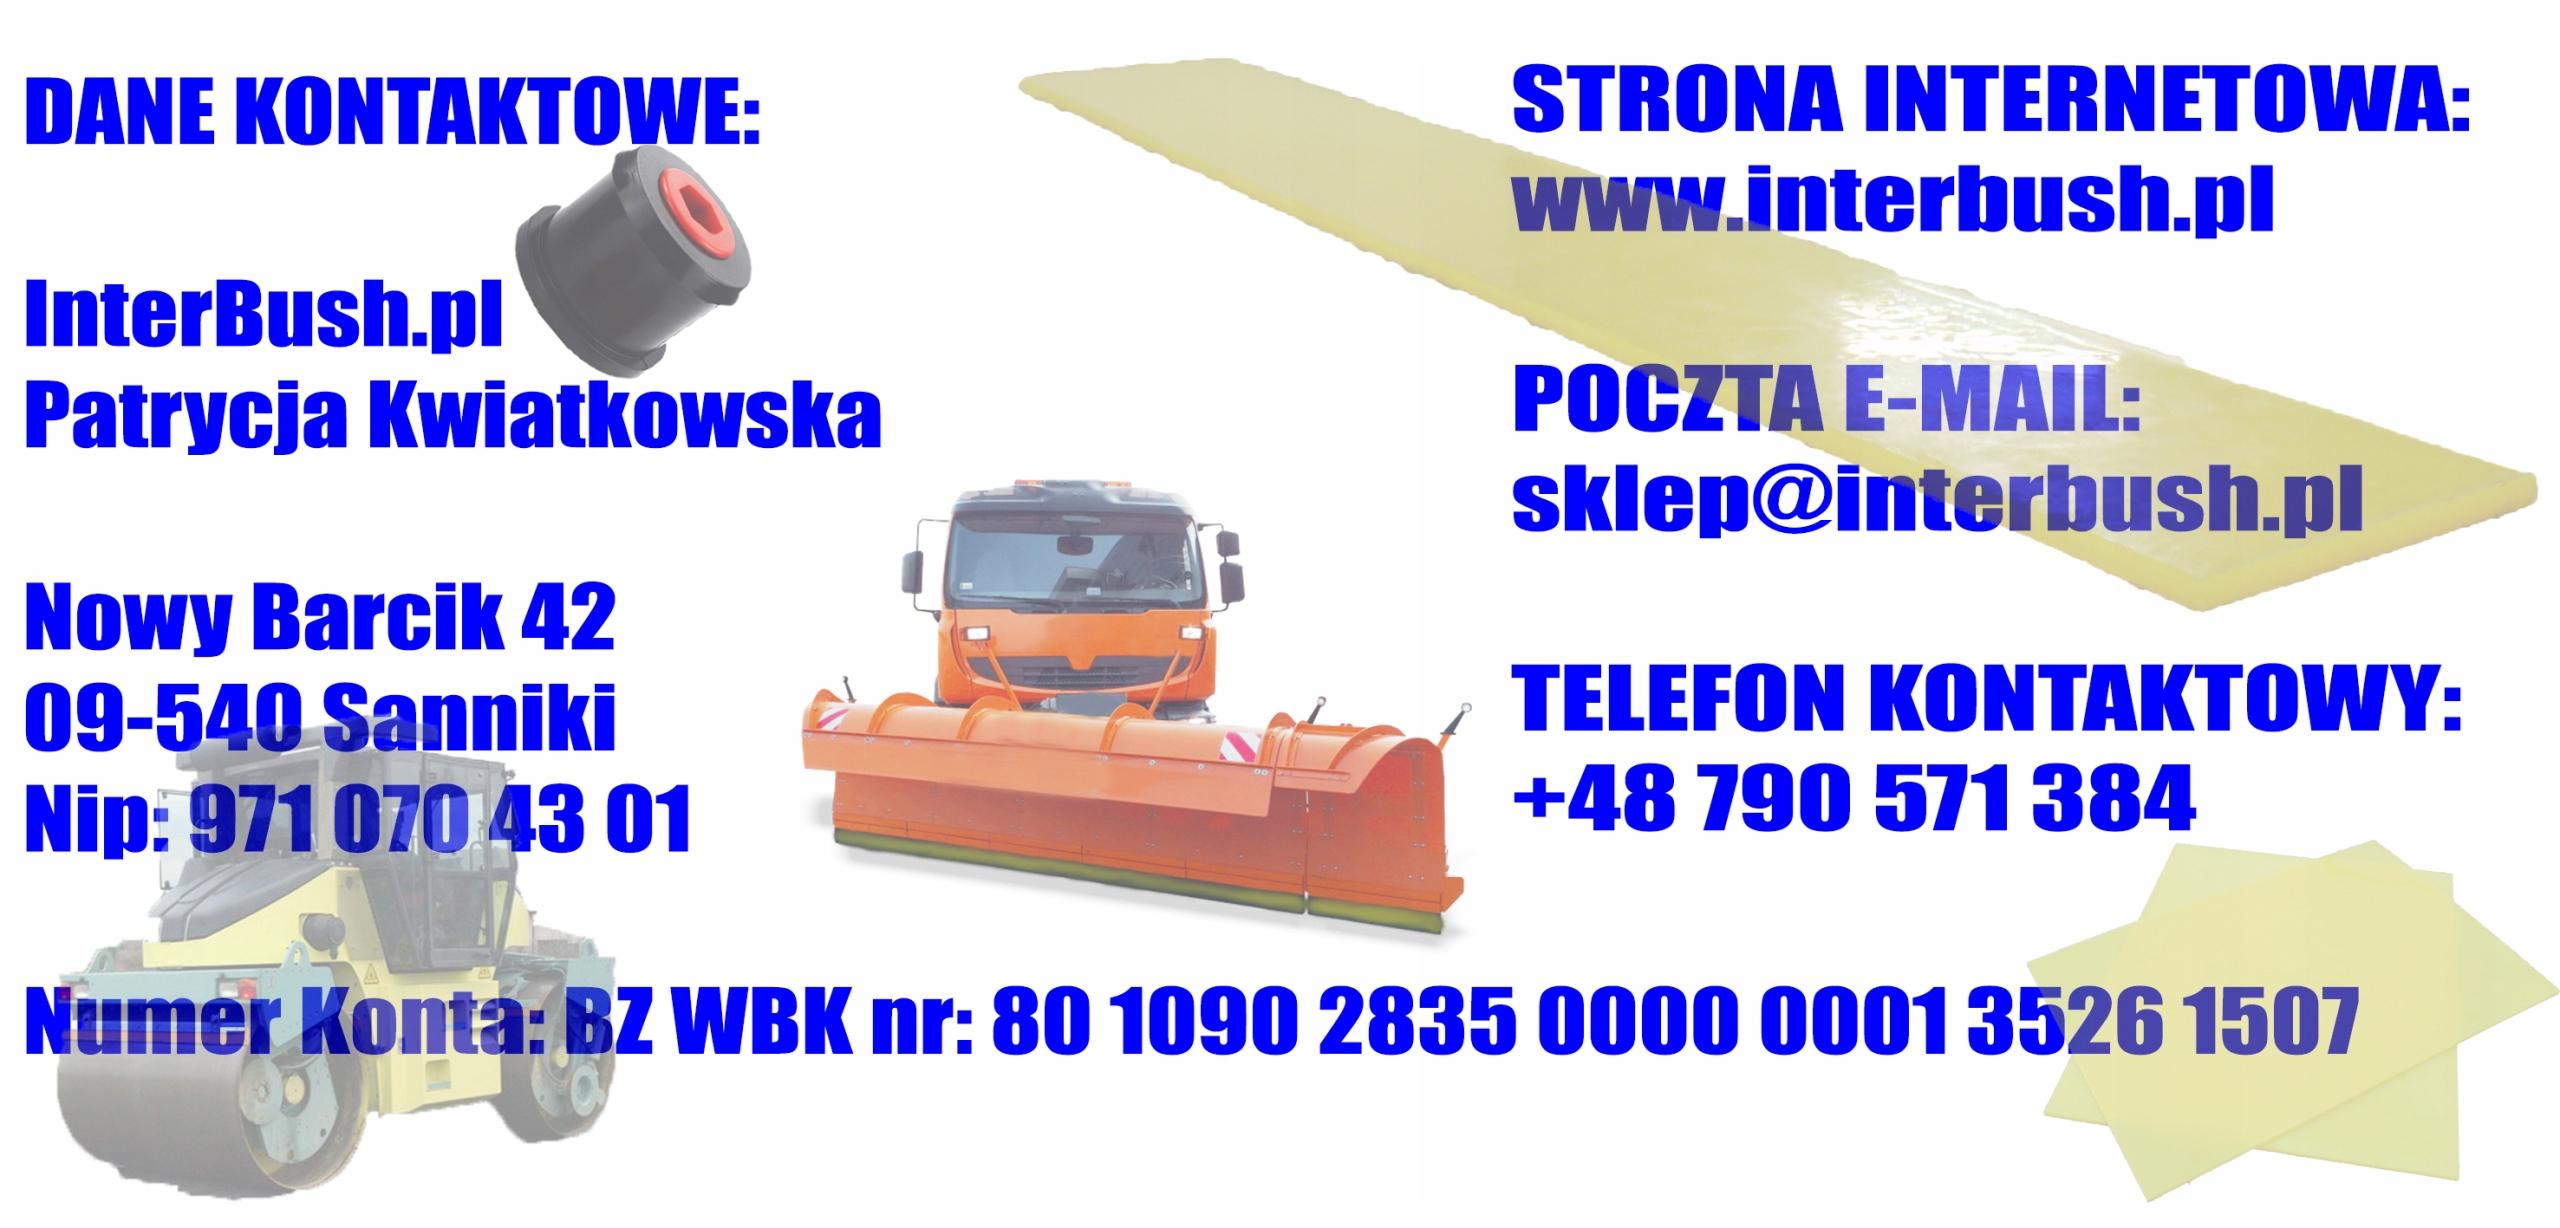 LEMIESZ GRAND POLIURETANO WALCA 1200x150x10